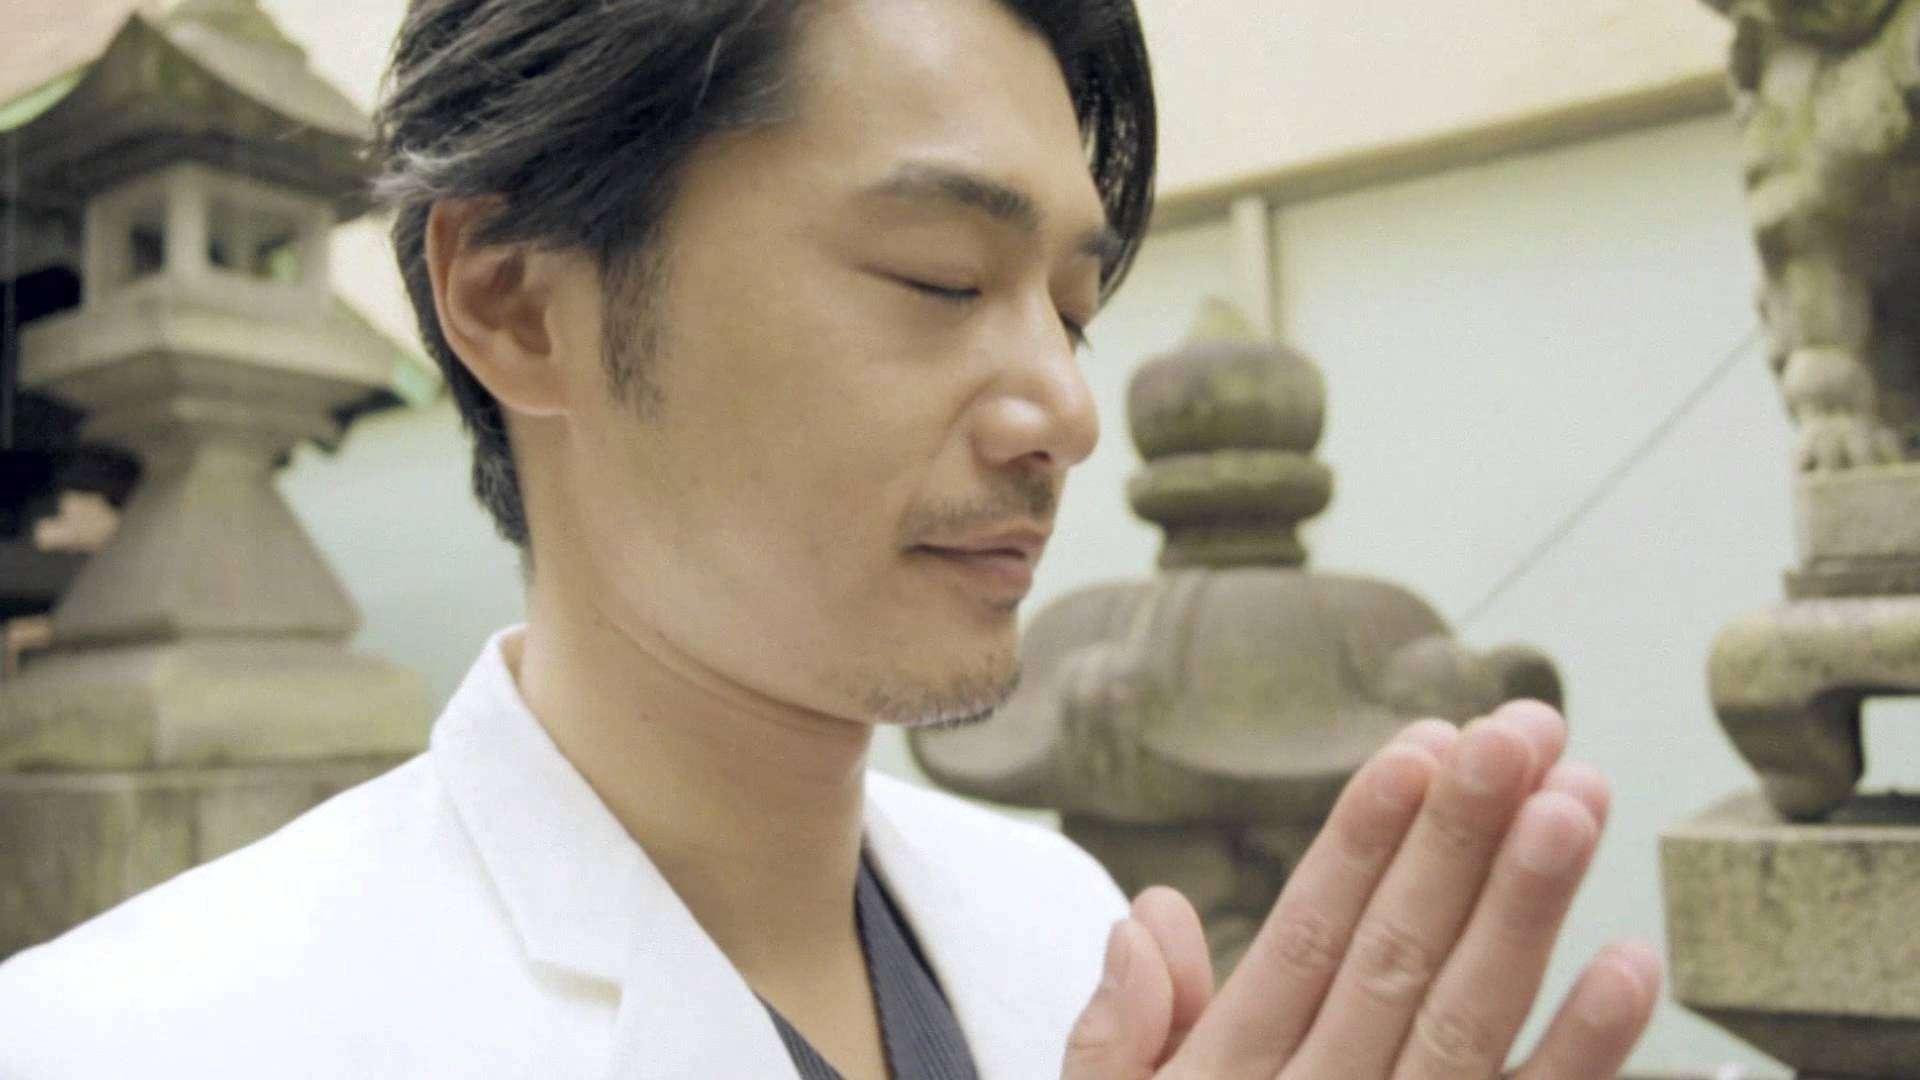 平山浩行とデート01 - YouTube 平山浩行さんが好きな人 その2 | ガールズちゃんねる